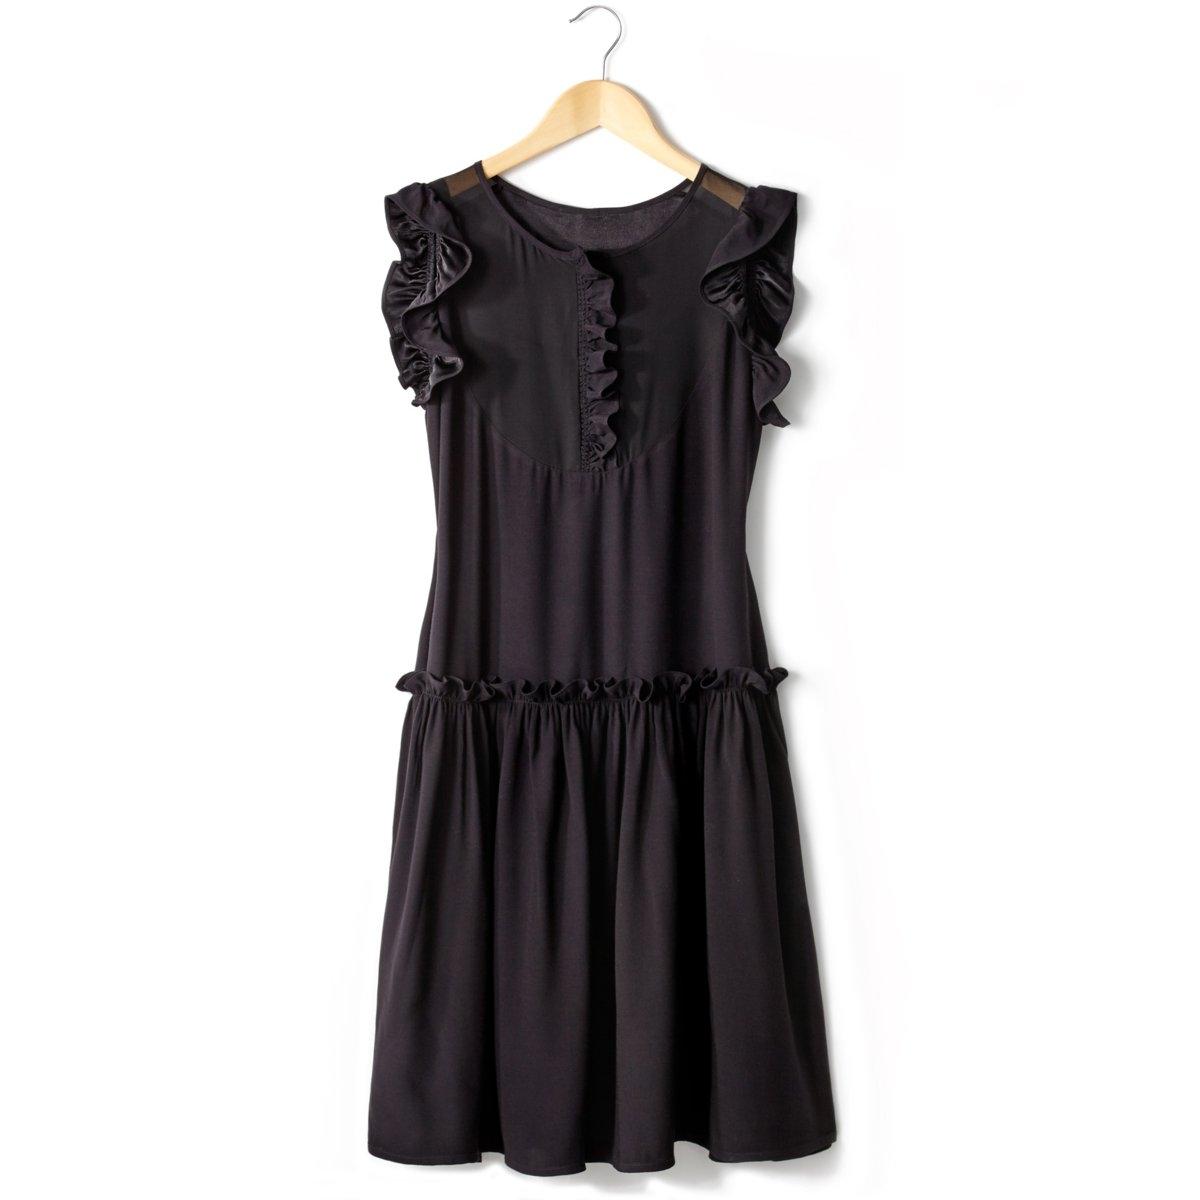 Платье со вставками из вуали Soft GreyМаленькое черное платье Soft Grey. Глубокий вырез спереди, со вставками из прозрачной вуали, 100% полиэстера. Круглый вырез, рукава с воланами. Низ с воланами.  100% полиэстера.      Длина 91 см.<br><br>Цвет: черный<br>Размер: 36 (FR) - 42 (RUS)